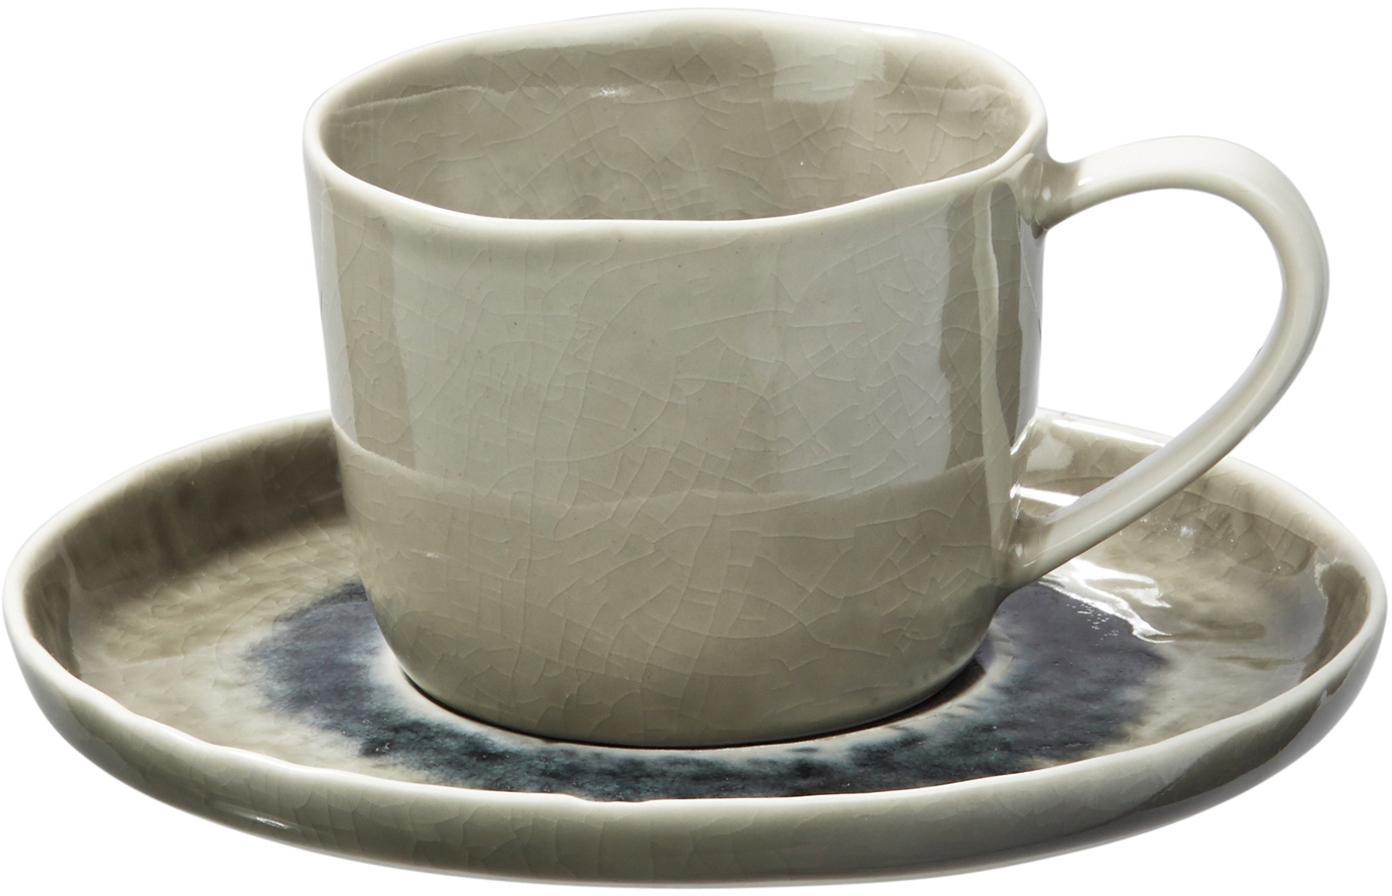 Tazas con platito Porcelino Sea, 6uds., Porcelana, Gris verdoso, beige, gris oscuro, Ø 15 x Al 8 cm